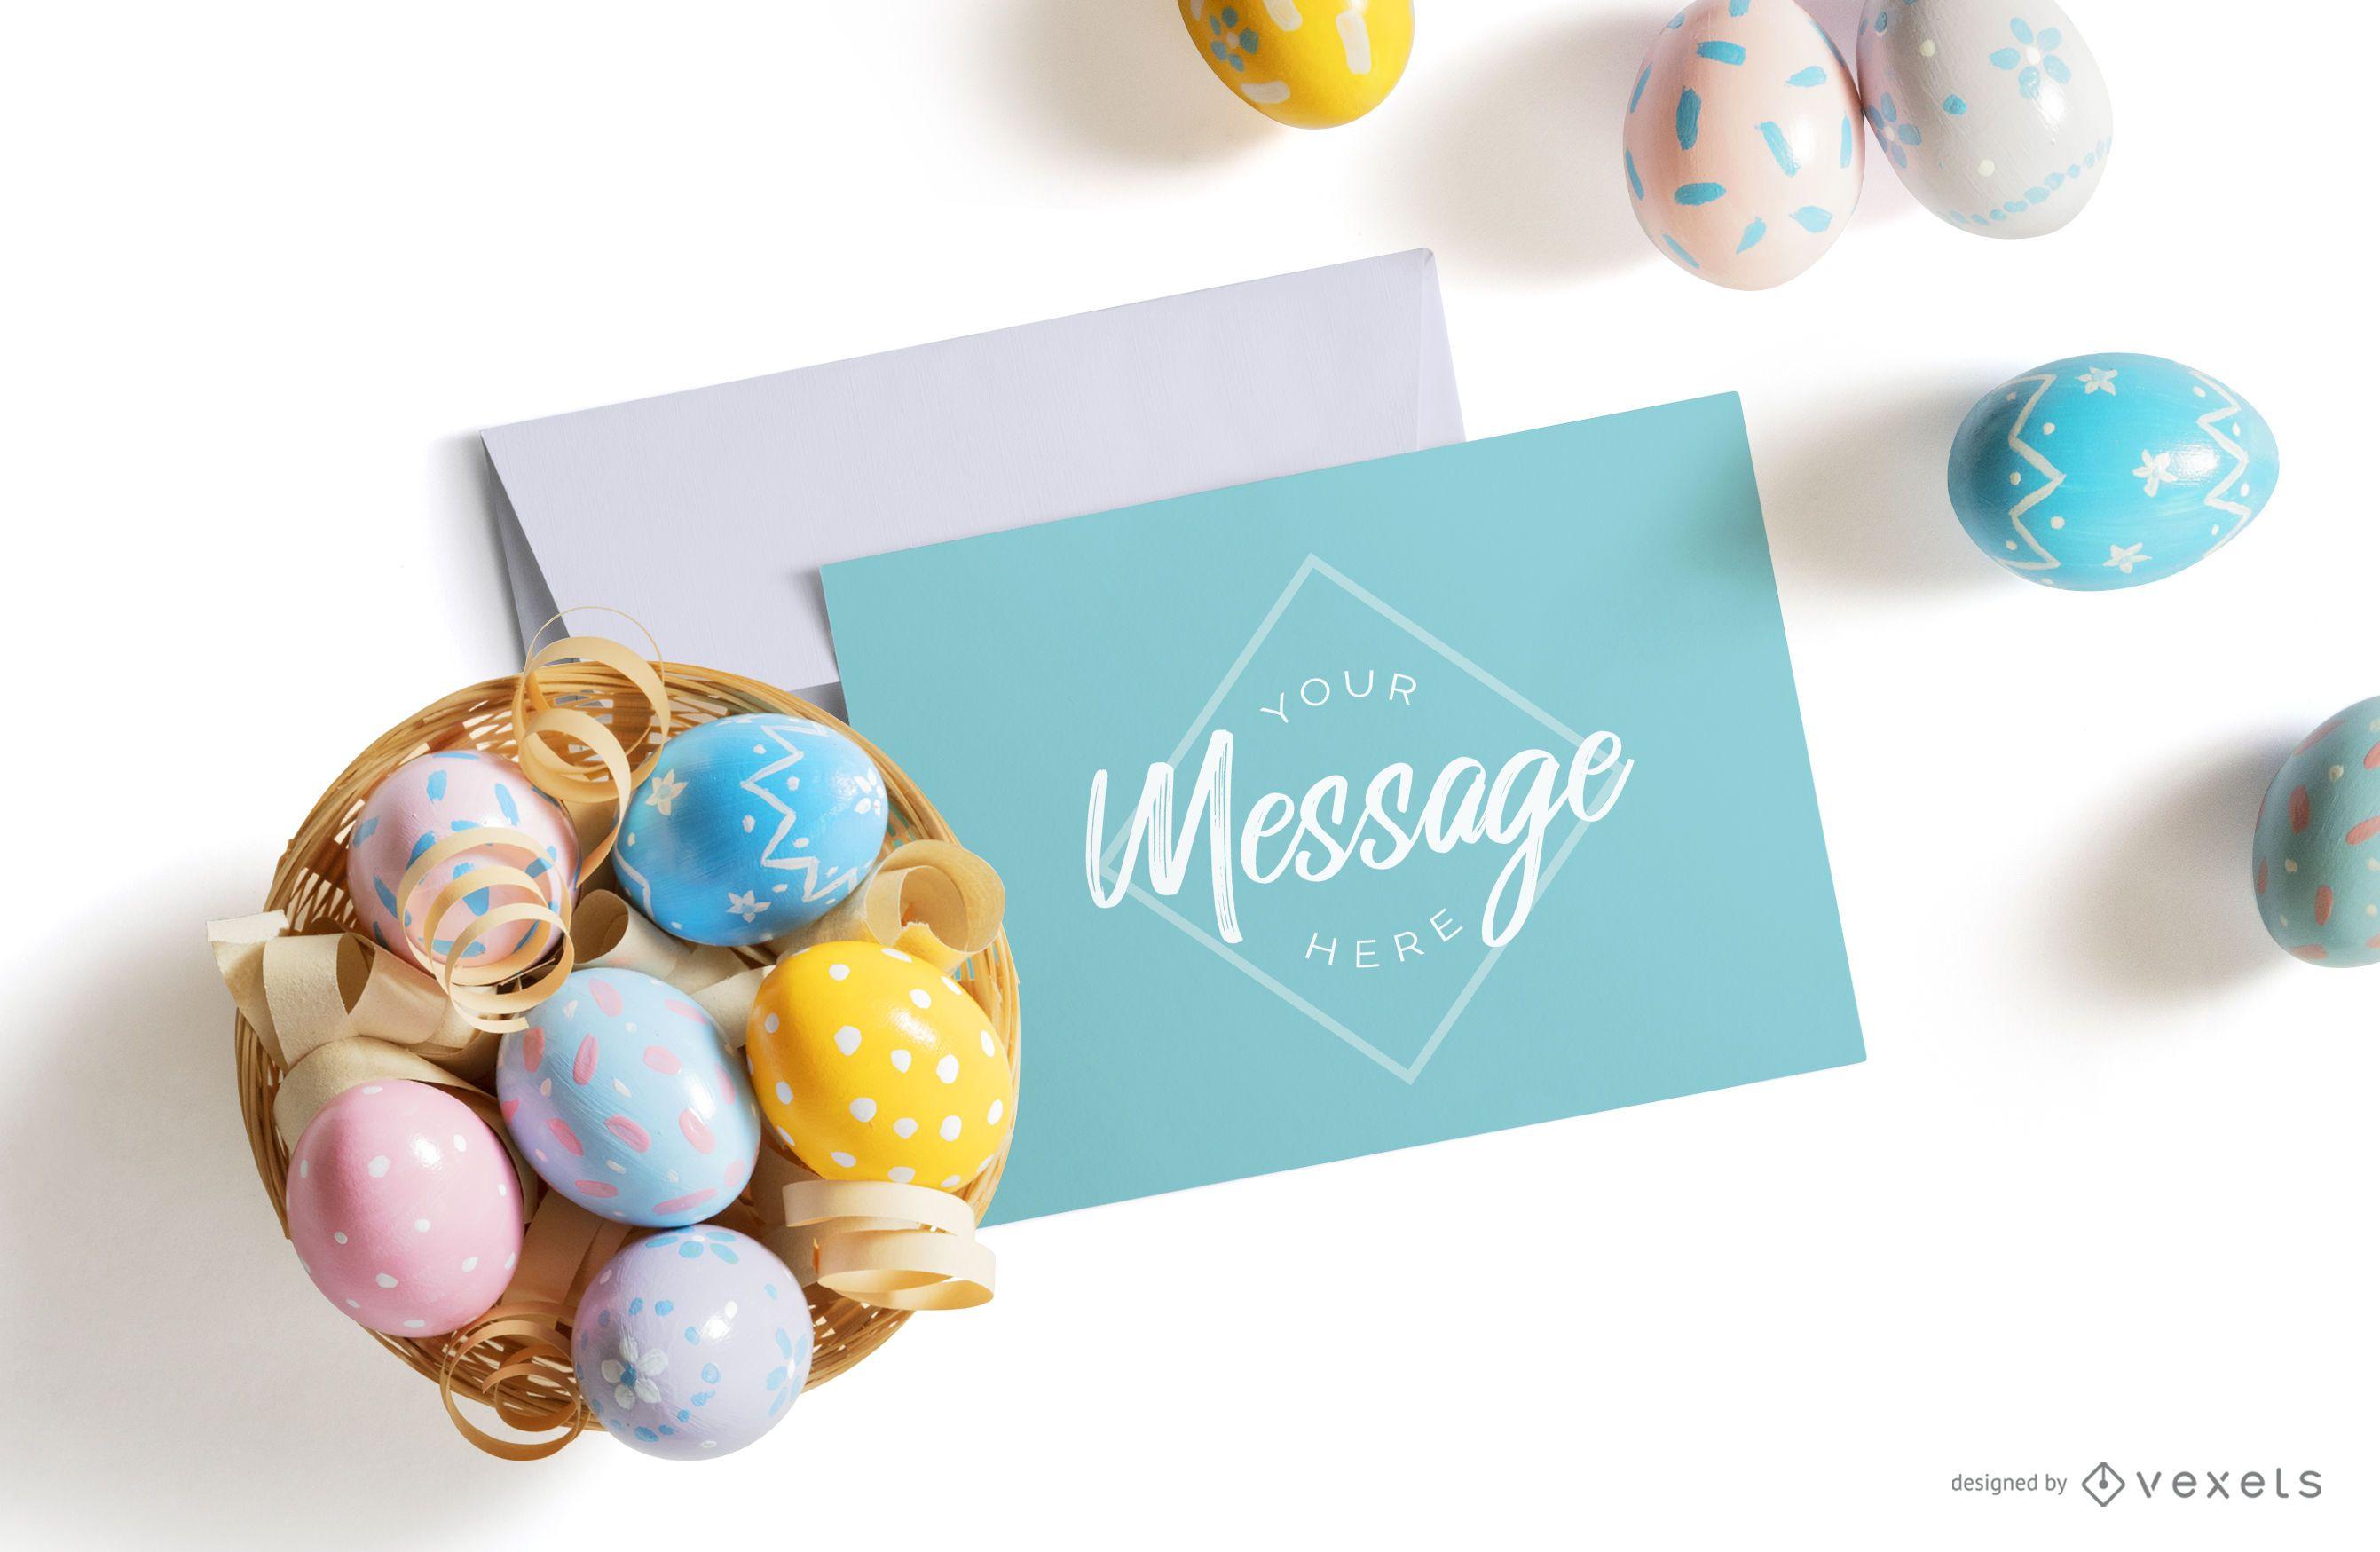 Composição de maquete de carta de ovos de Páscoa